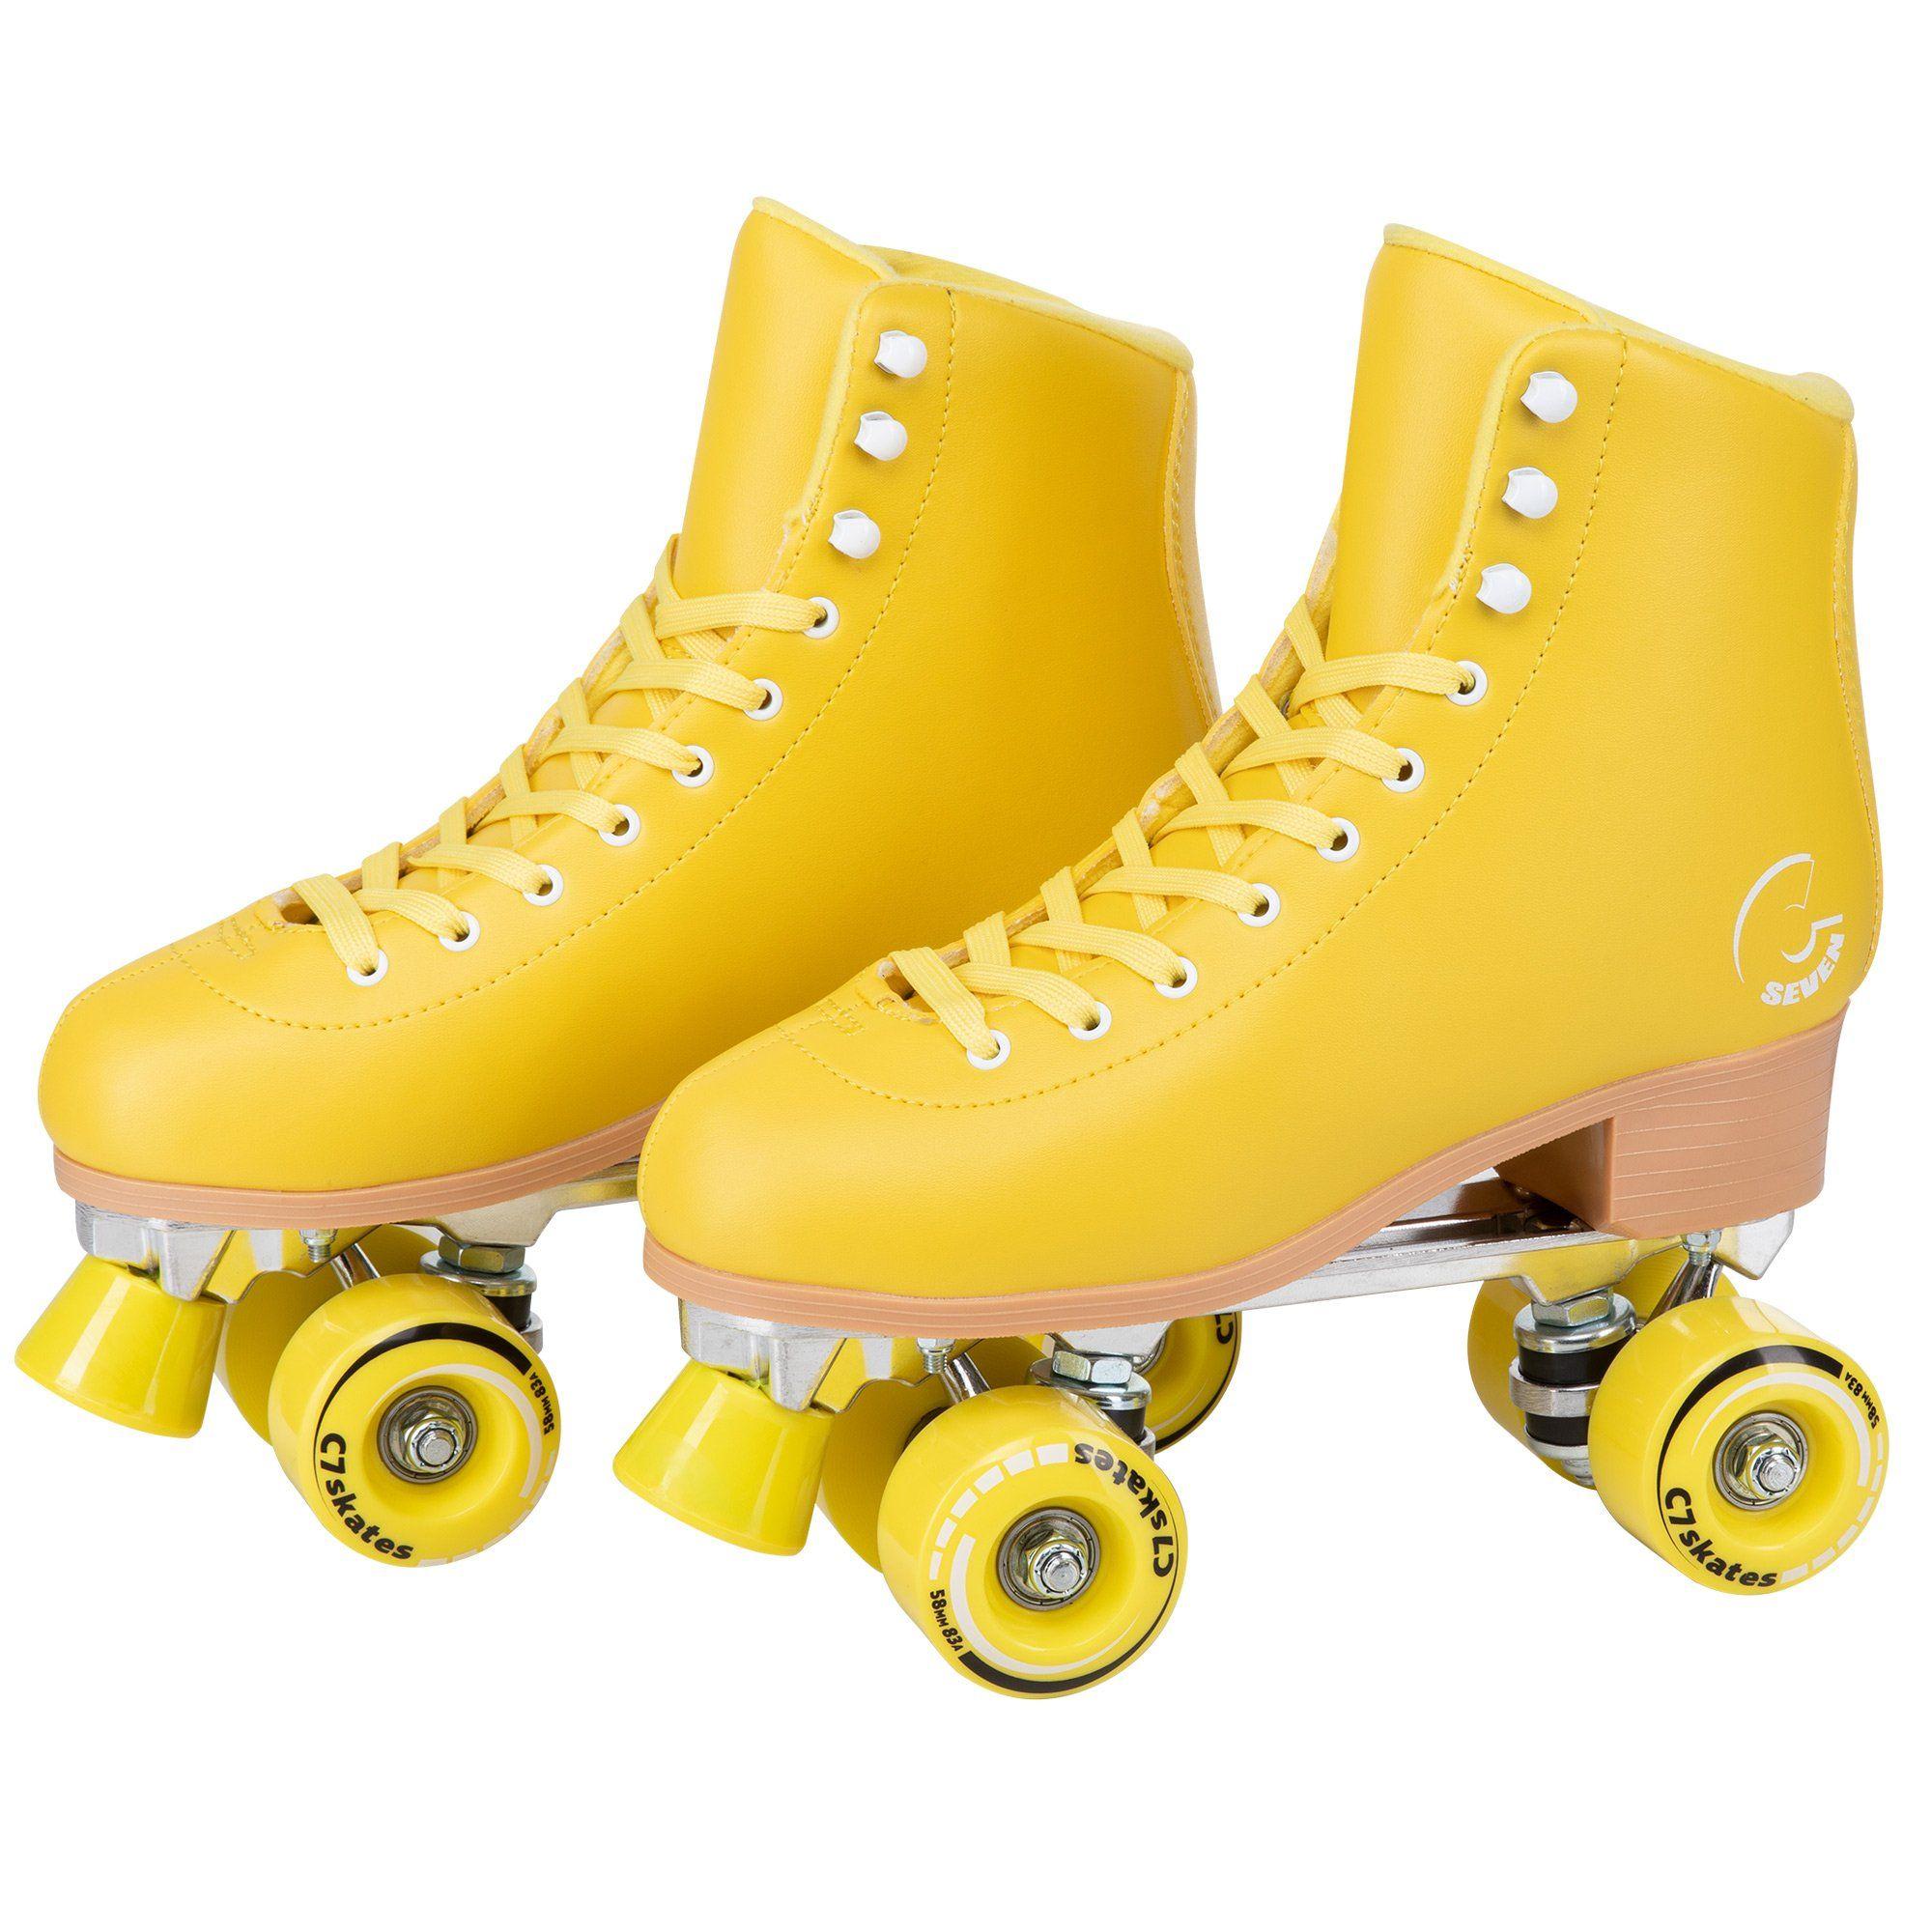 Lemonpop Quad Skates In 2021 Quad Skates Quad Roller Skates Roller Skates